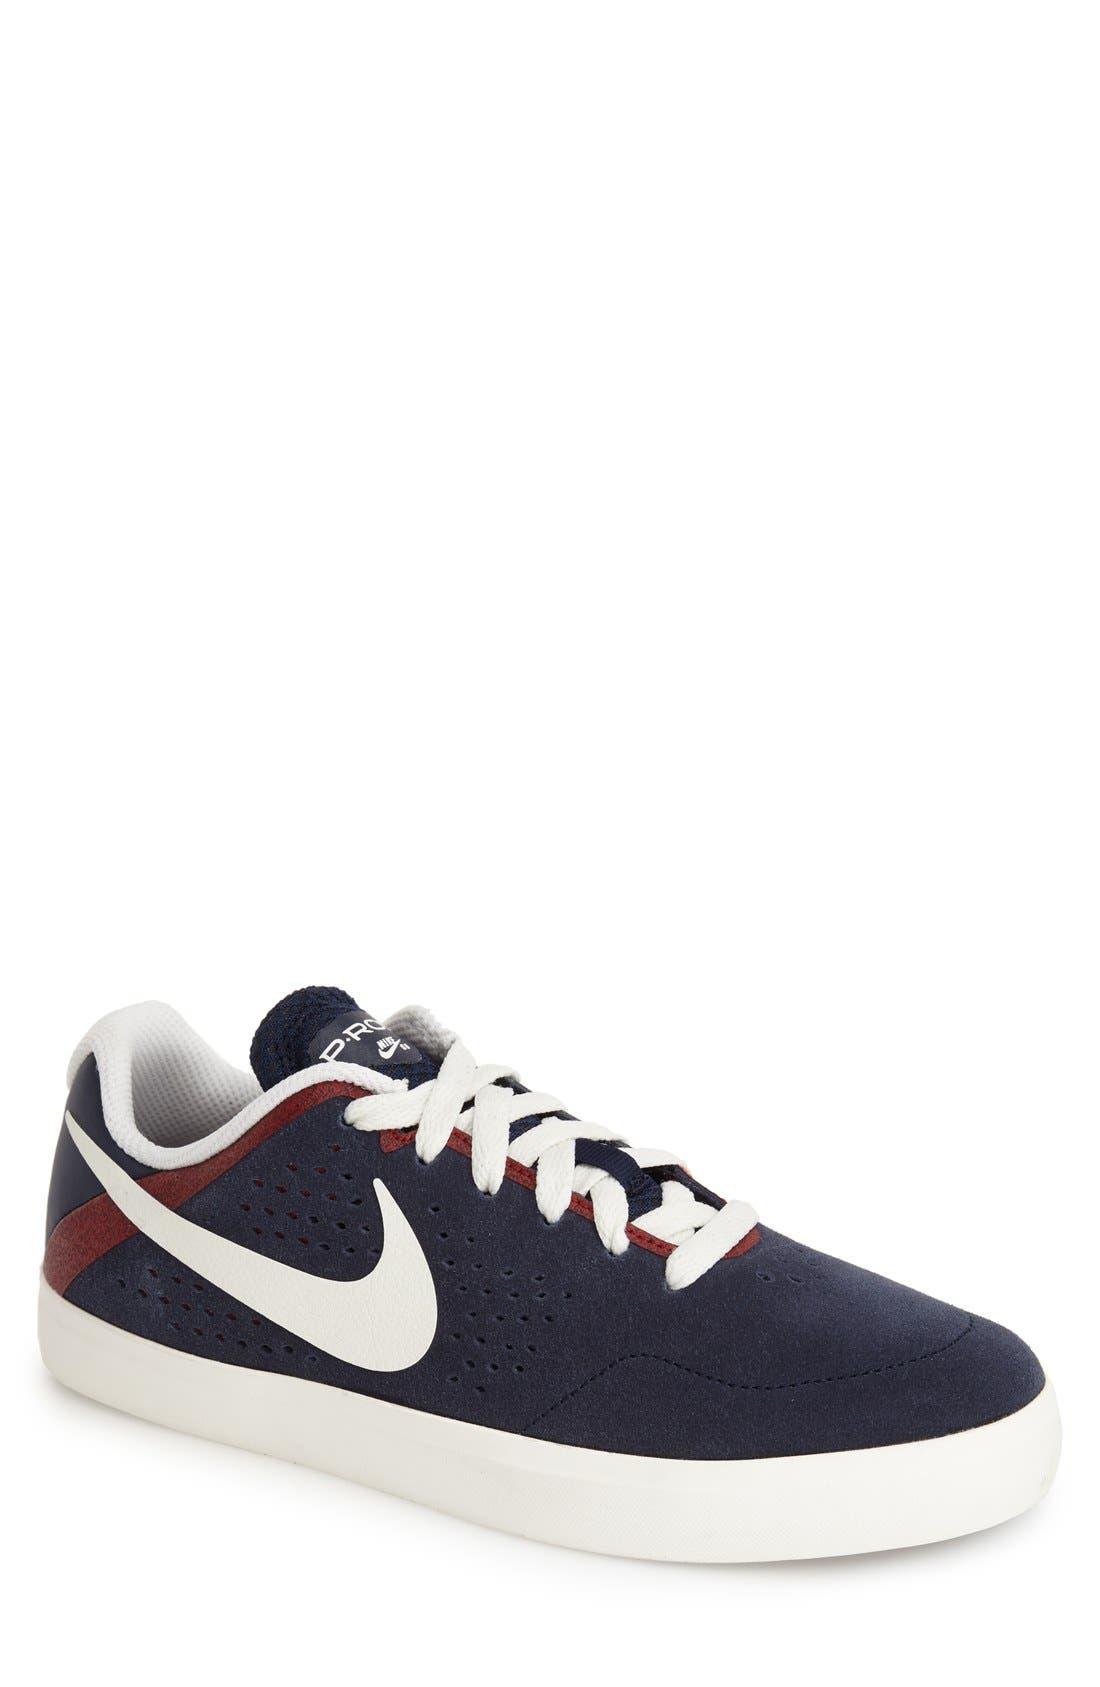 Alternate Image 1 Selected - Nike 'Paul Rodriguez CTD LR SB' Skate Shoe (Men)